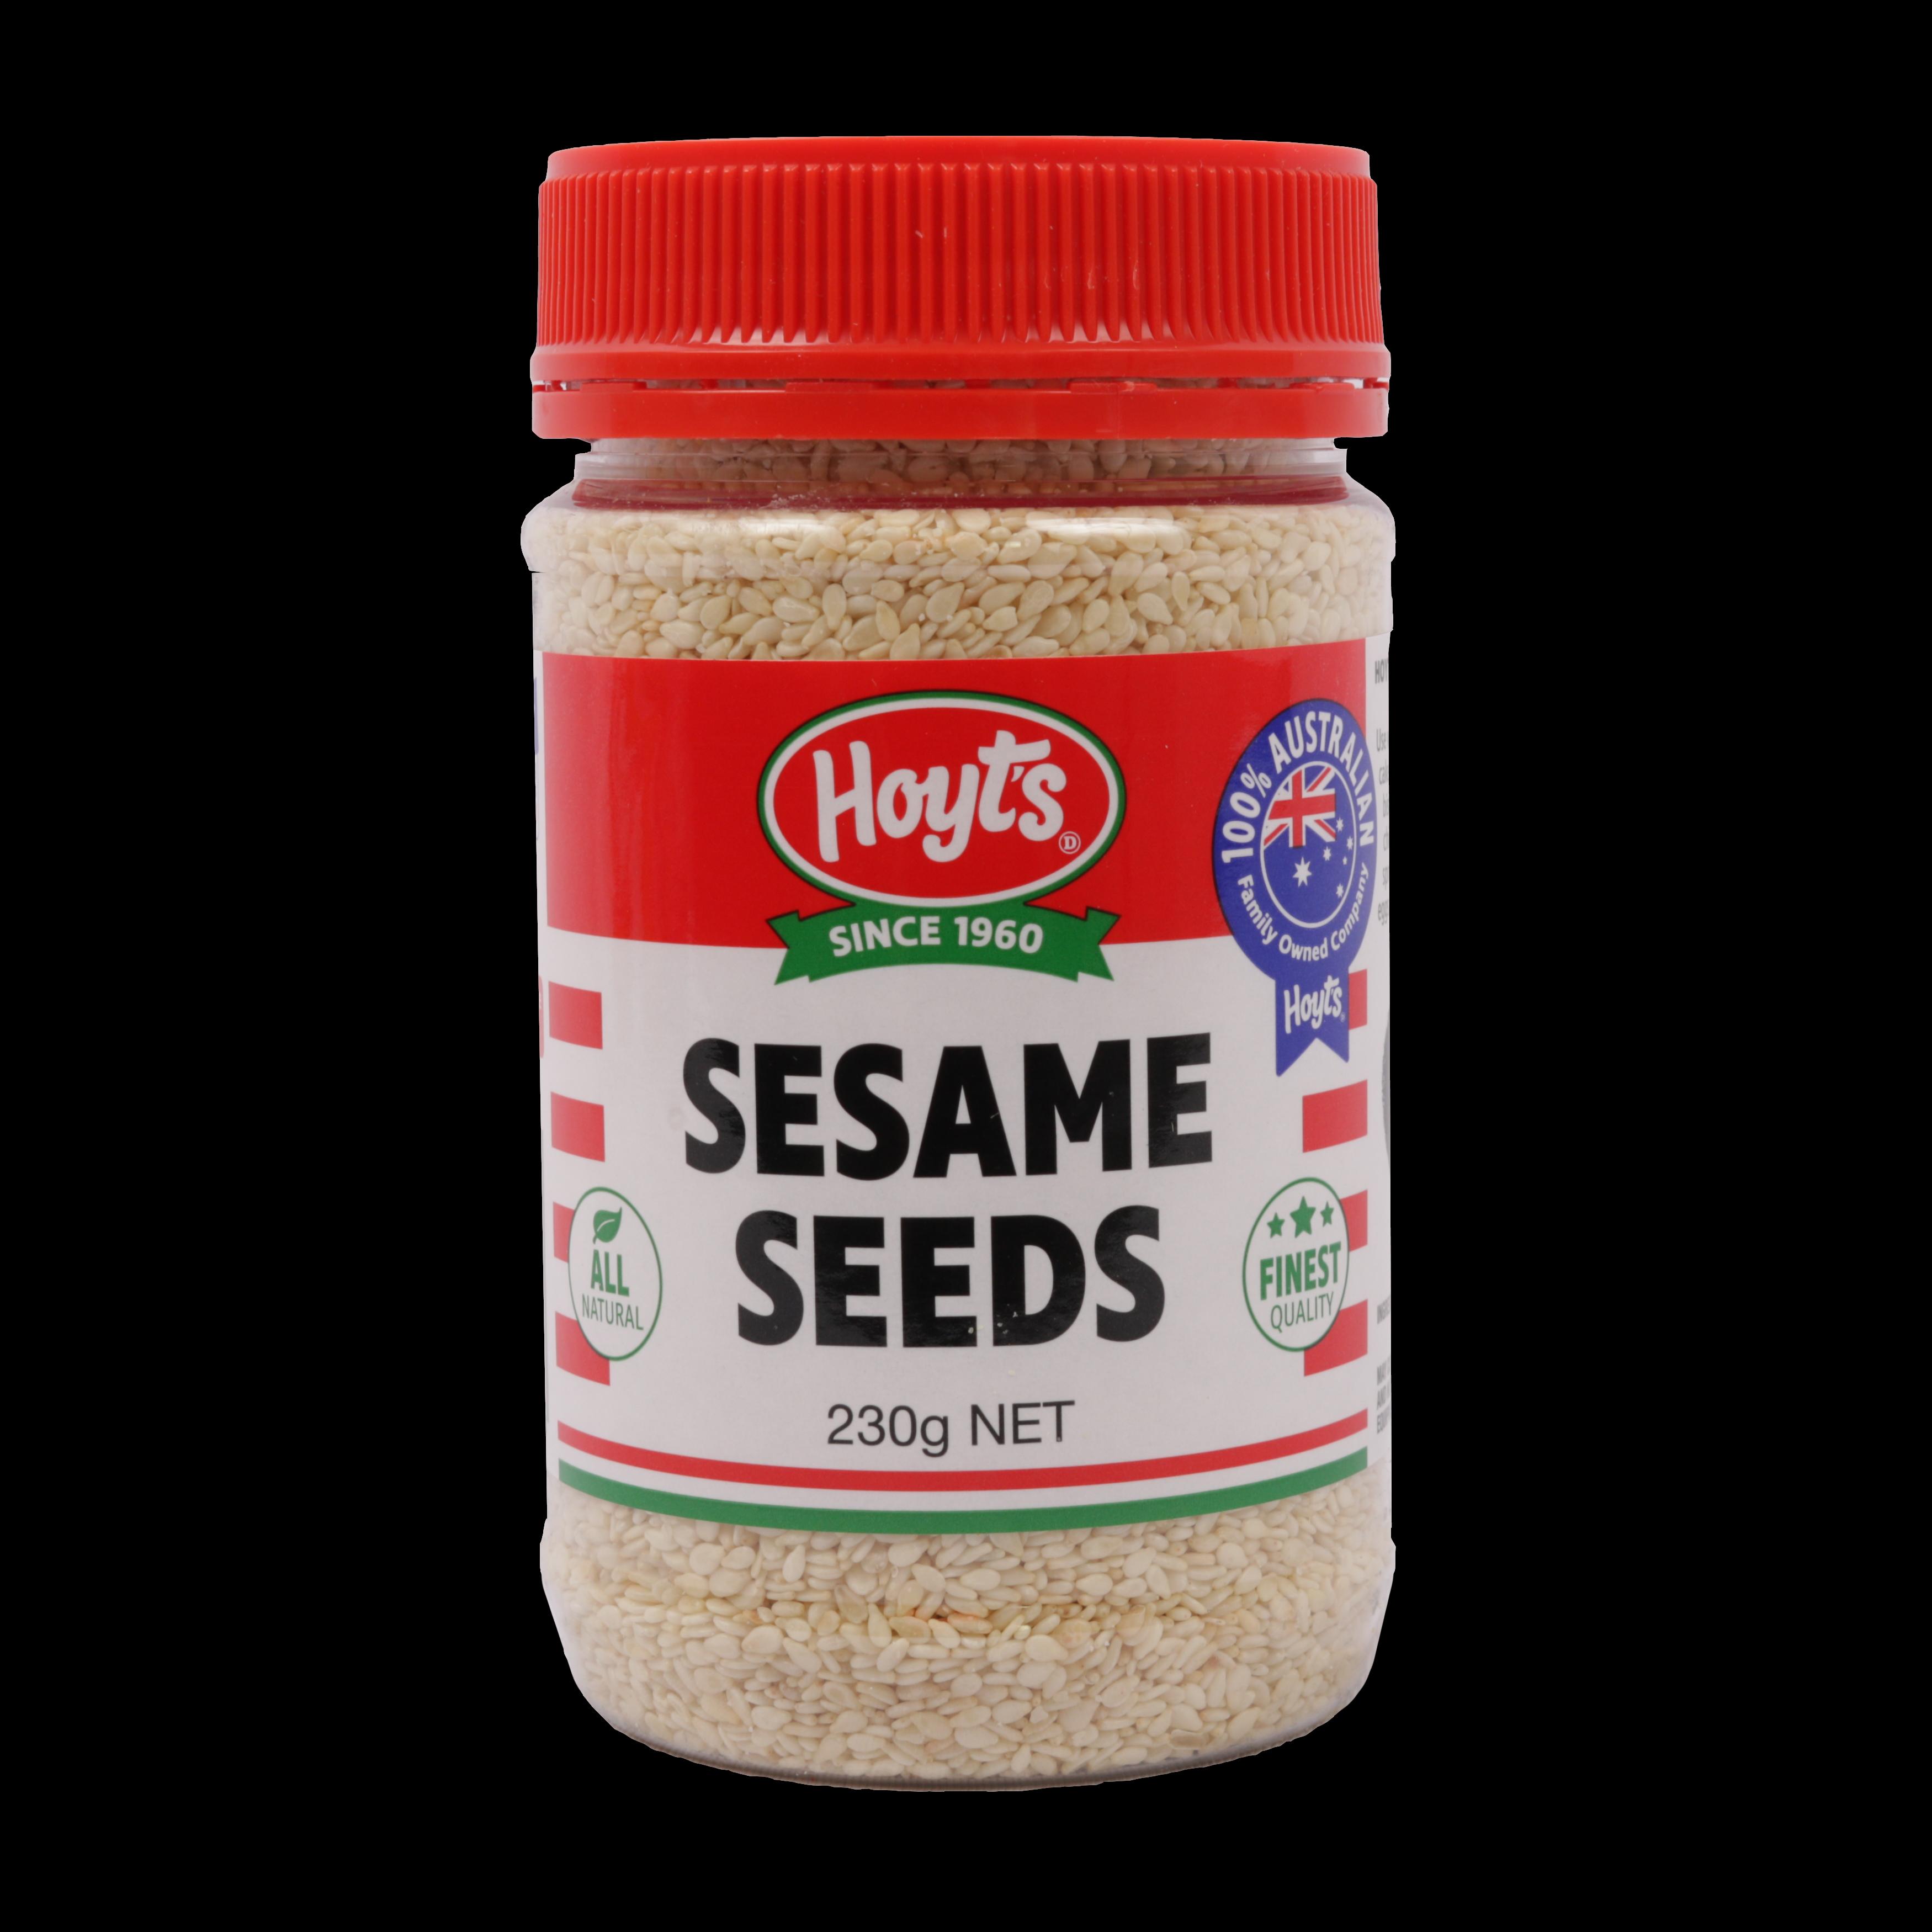 Hoyts Sesame Seeds 230g